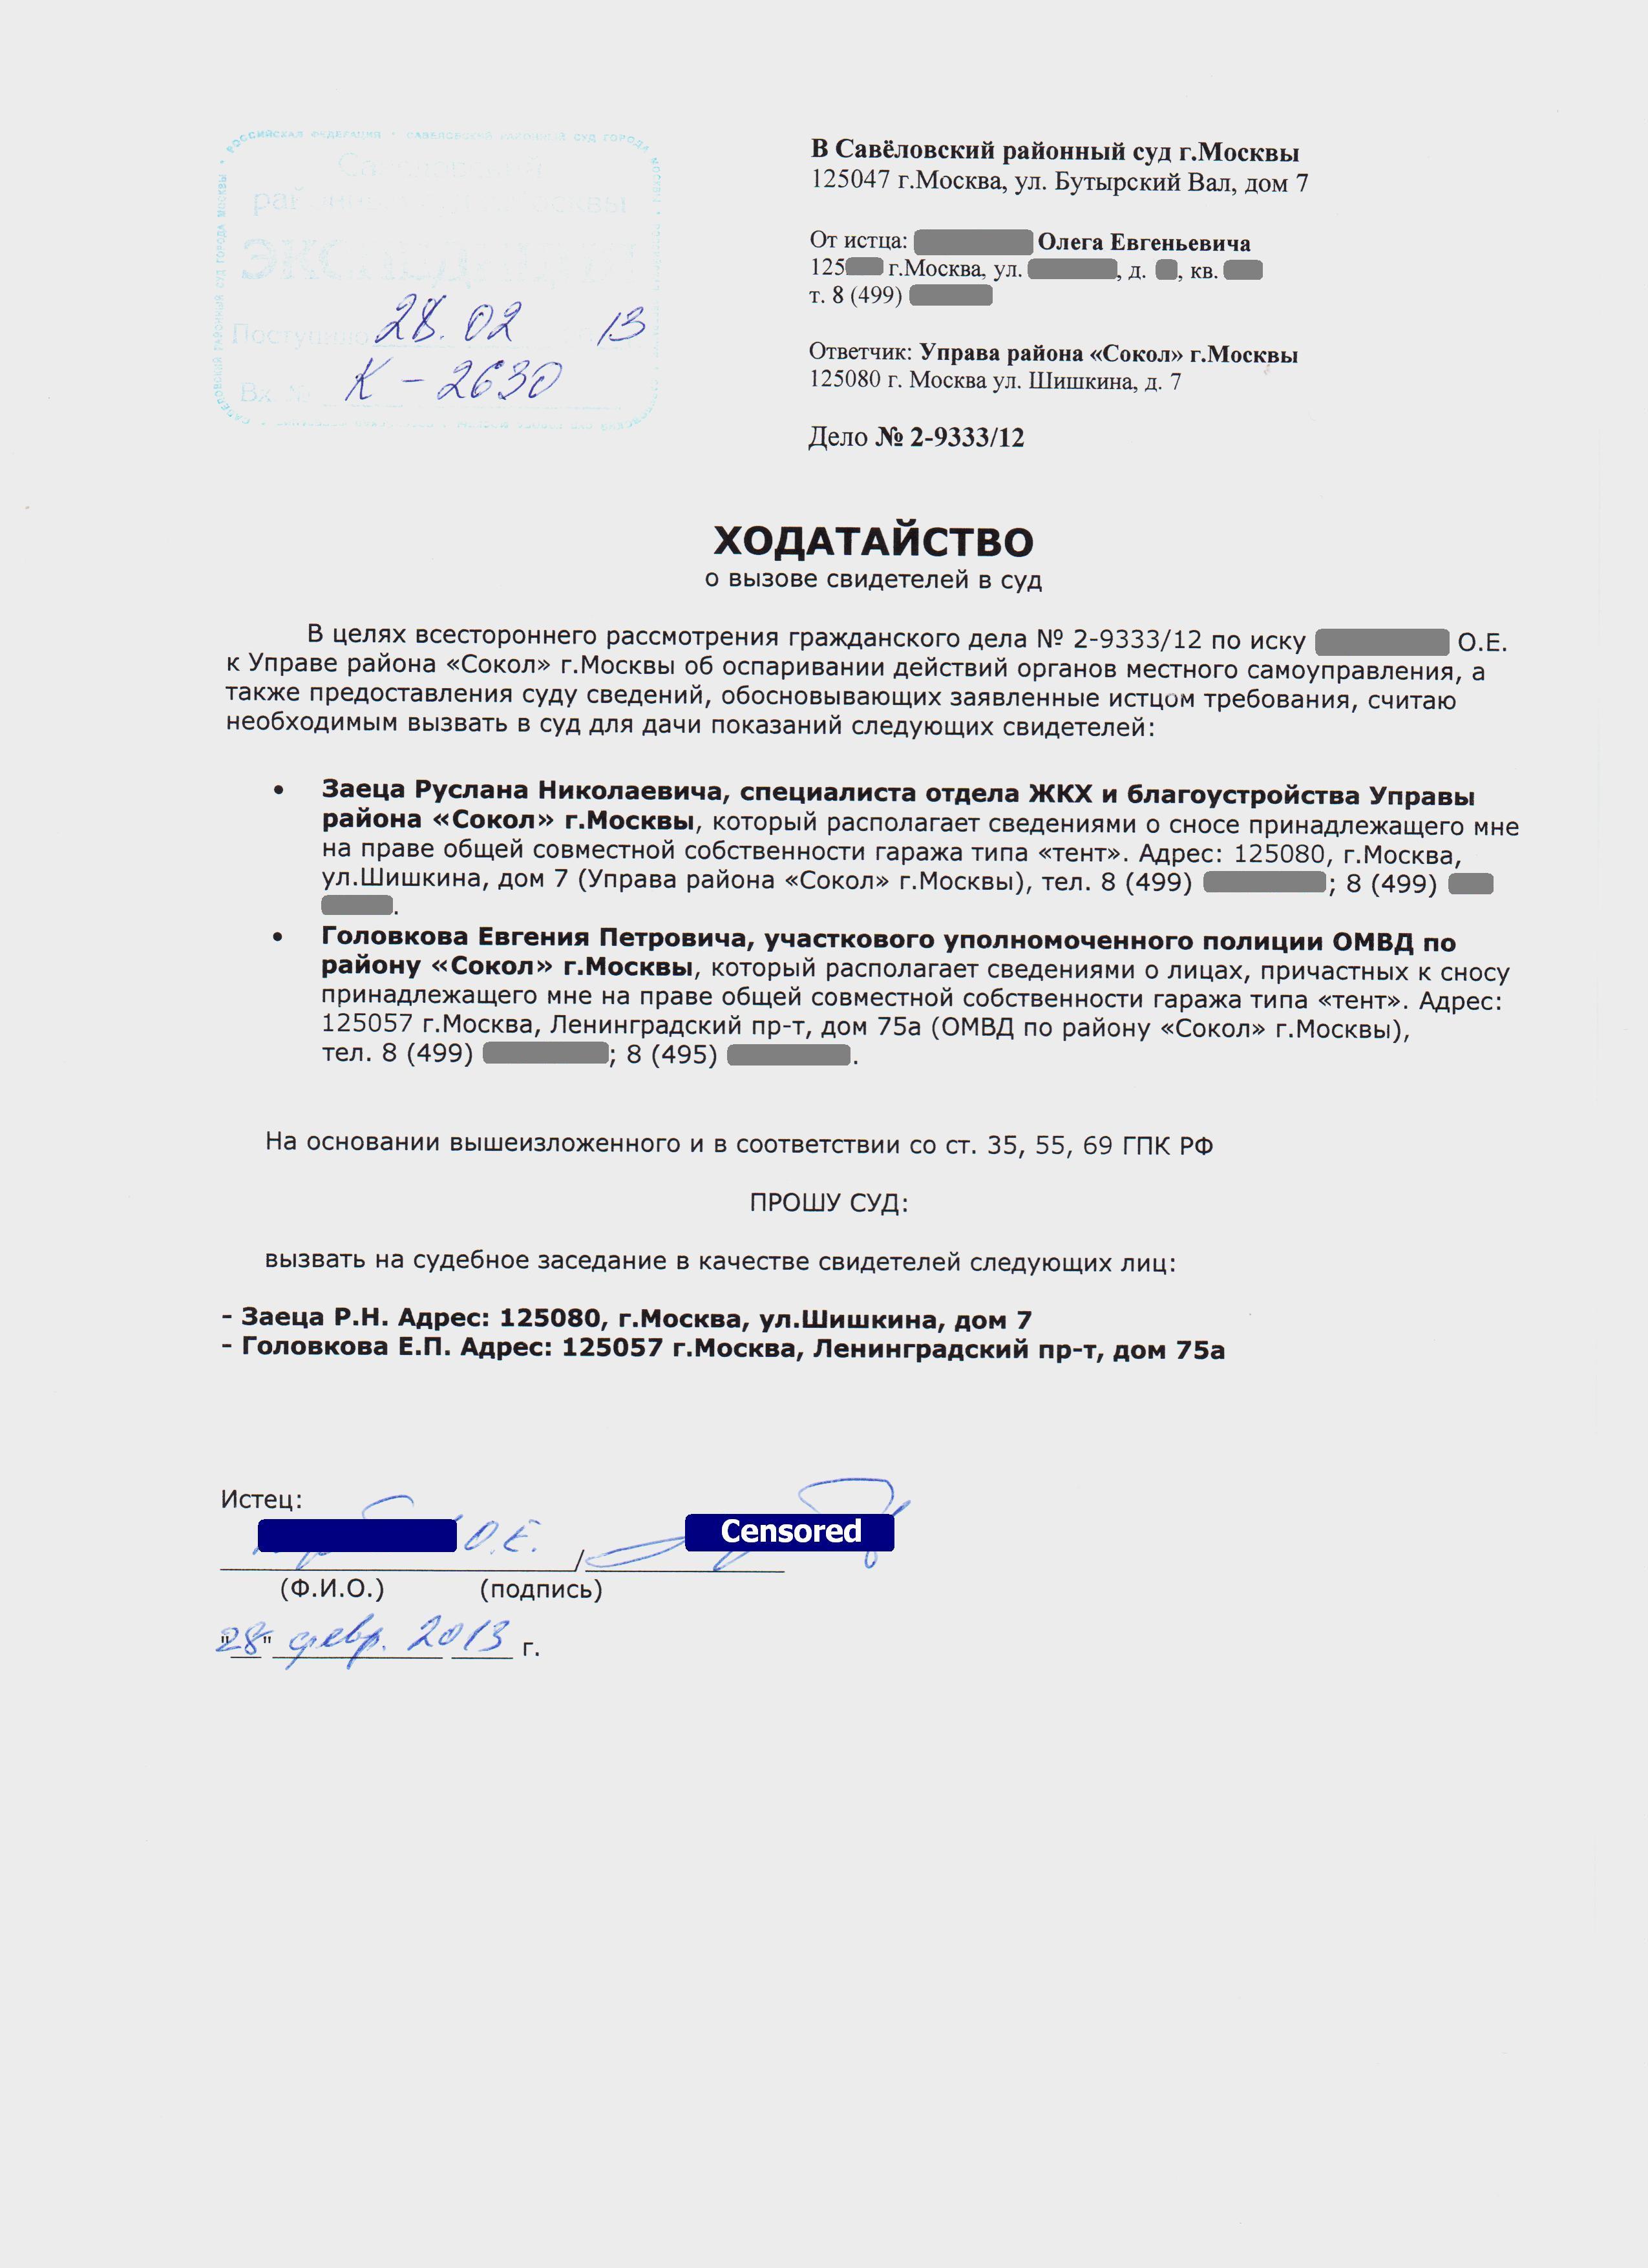 Прокуратура предъявила в арбитражный суд иск со 607 гк